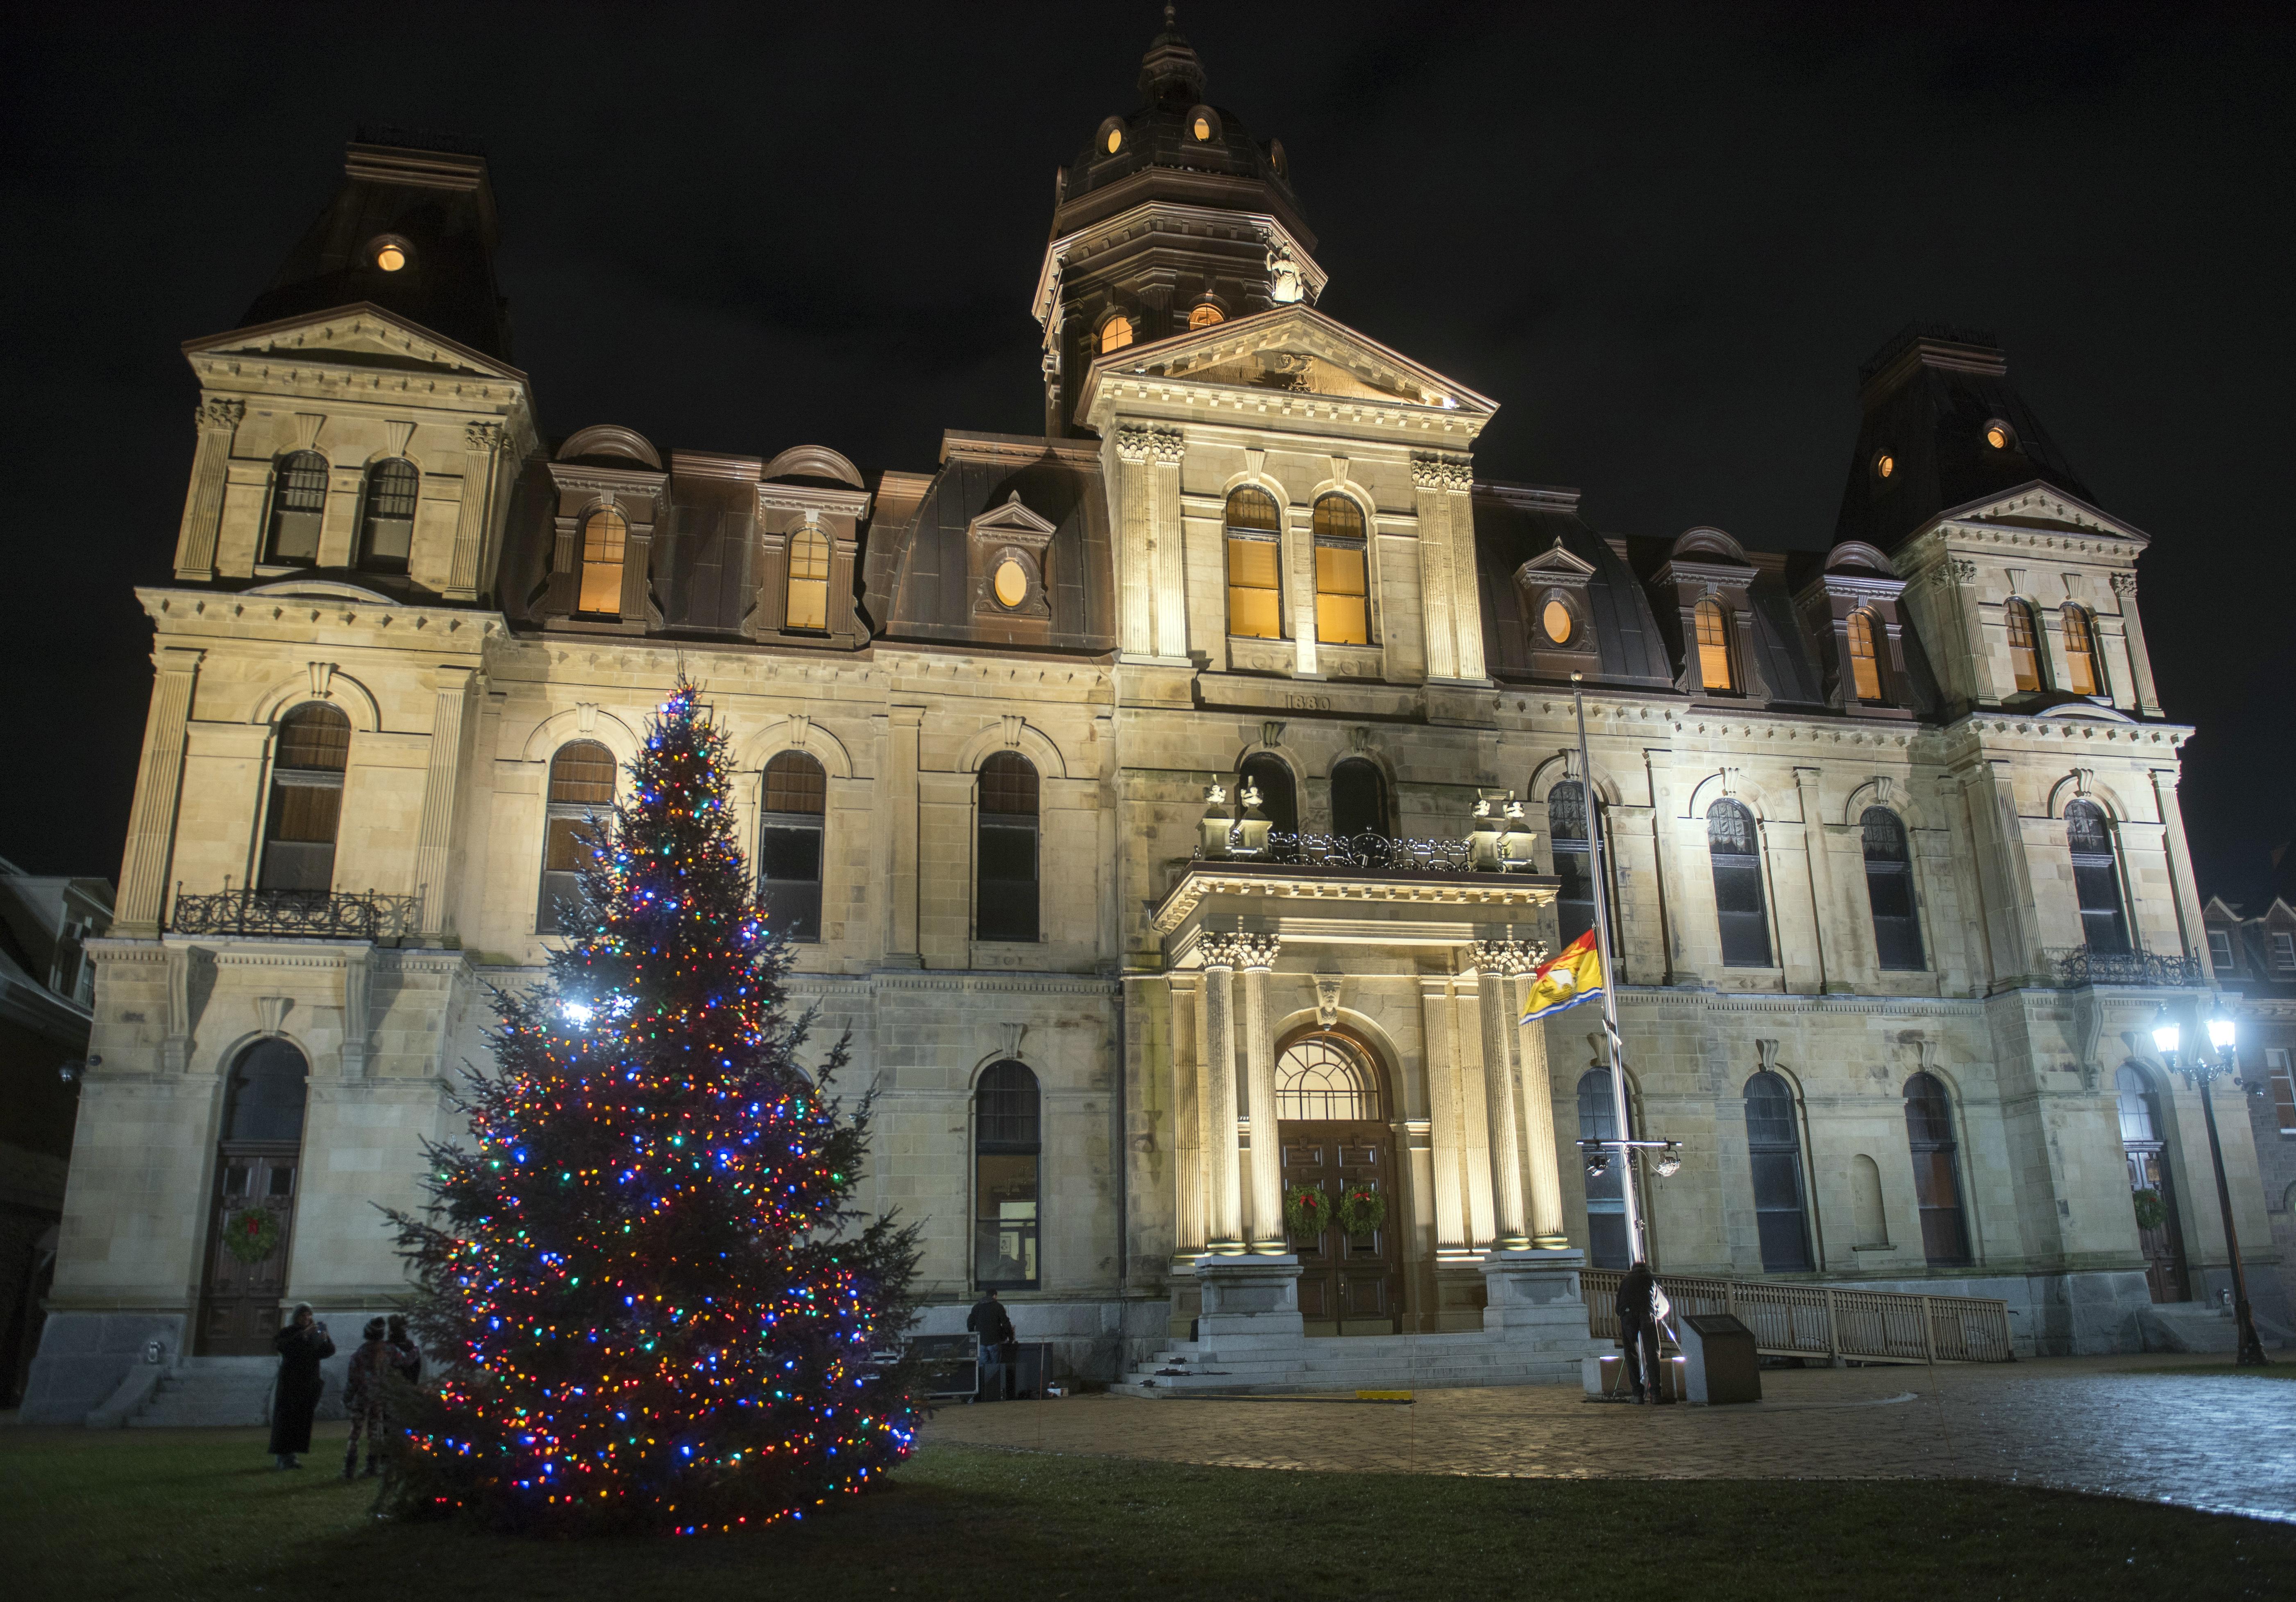 Cérémonie d'illumination de l'arbre de Noël